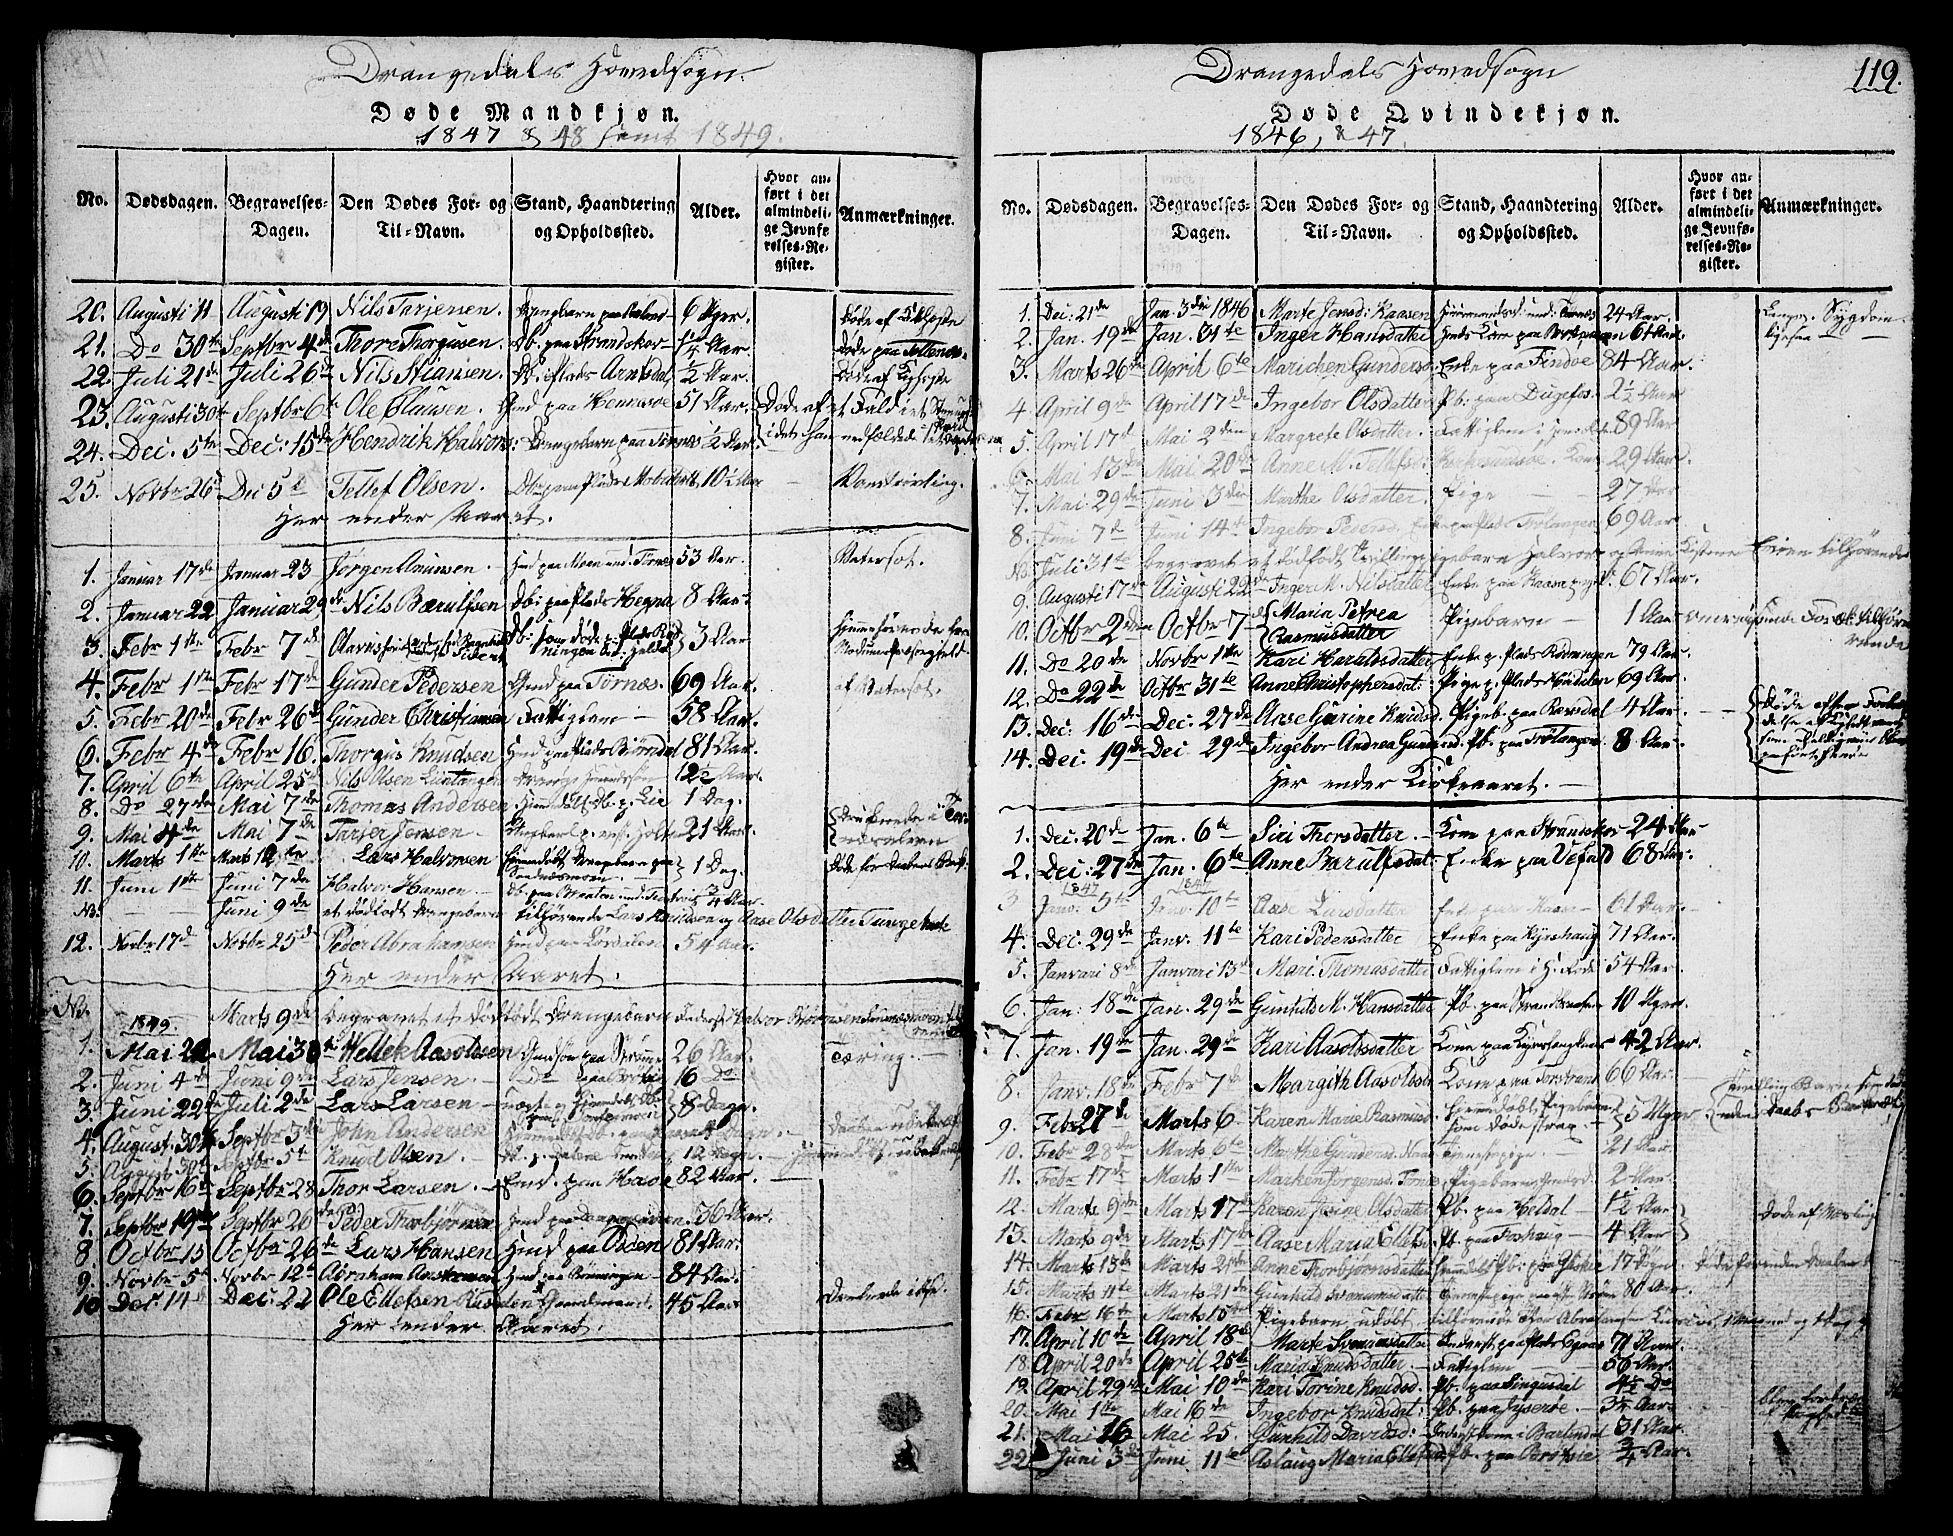 SAKO, Drangedal kirkebøker, G/Ga/L0001: Klokkerbok nr. I 1 /1, 1814-1856, s. 119